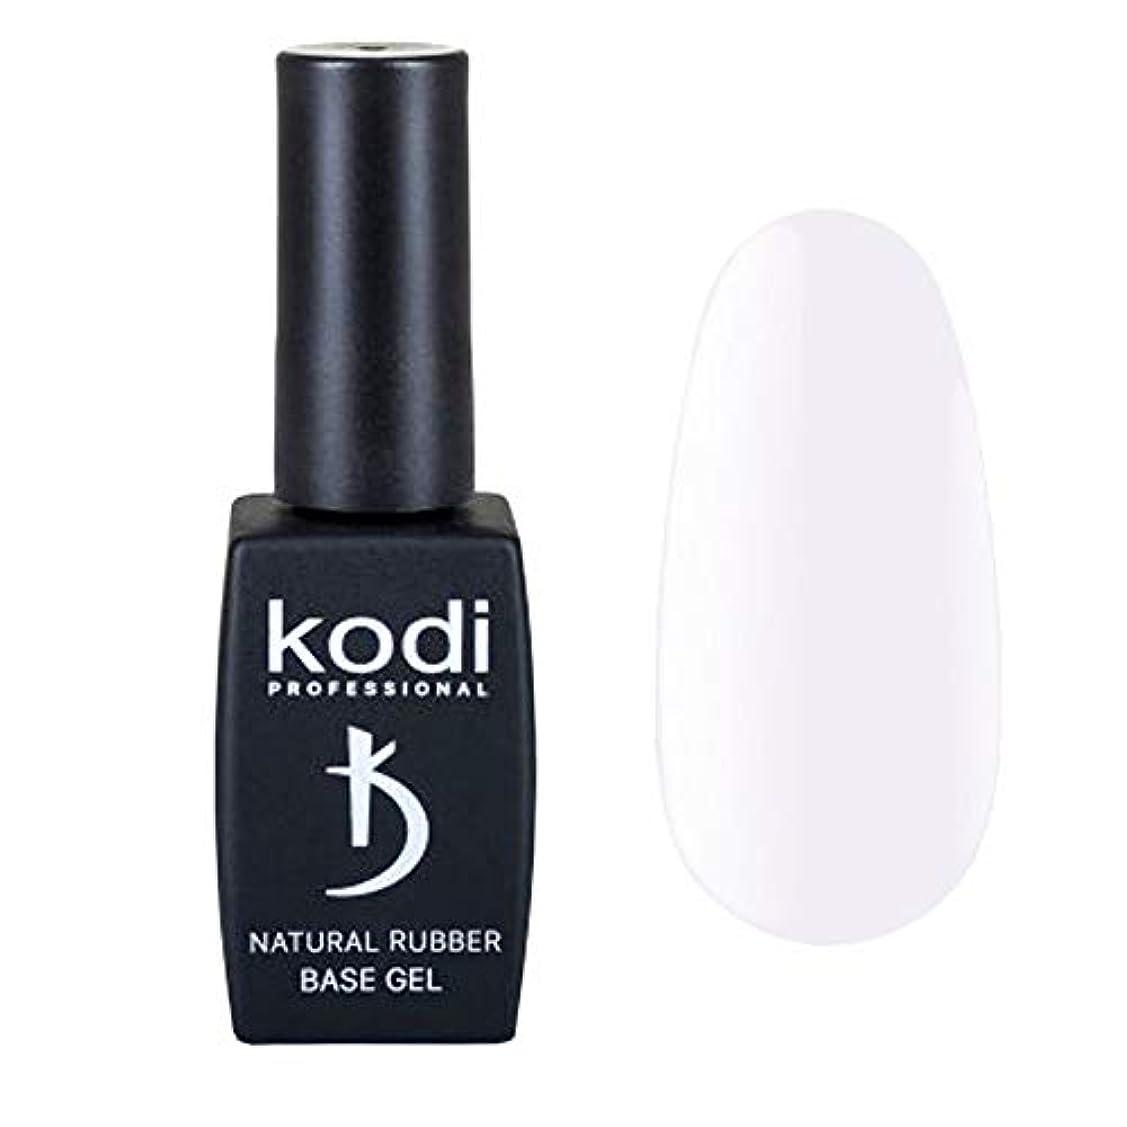 中世のセーブ俳優Kodi Professional New Collection BW White #10 Color Gel Nail Polish 12ml 0.42 Fl Oz LED UV Genuine Soak Off